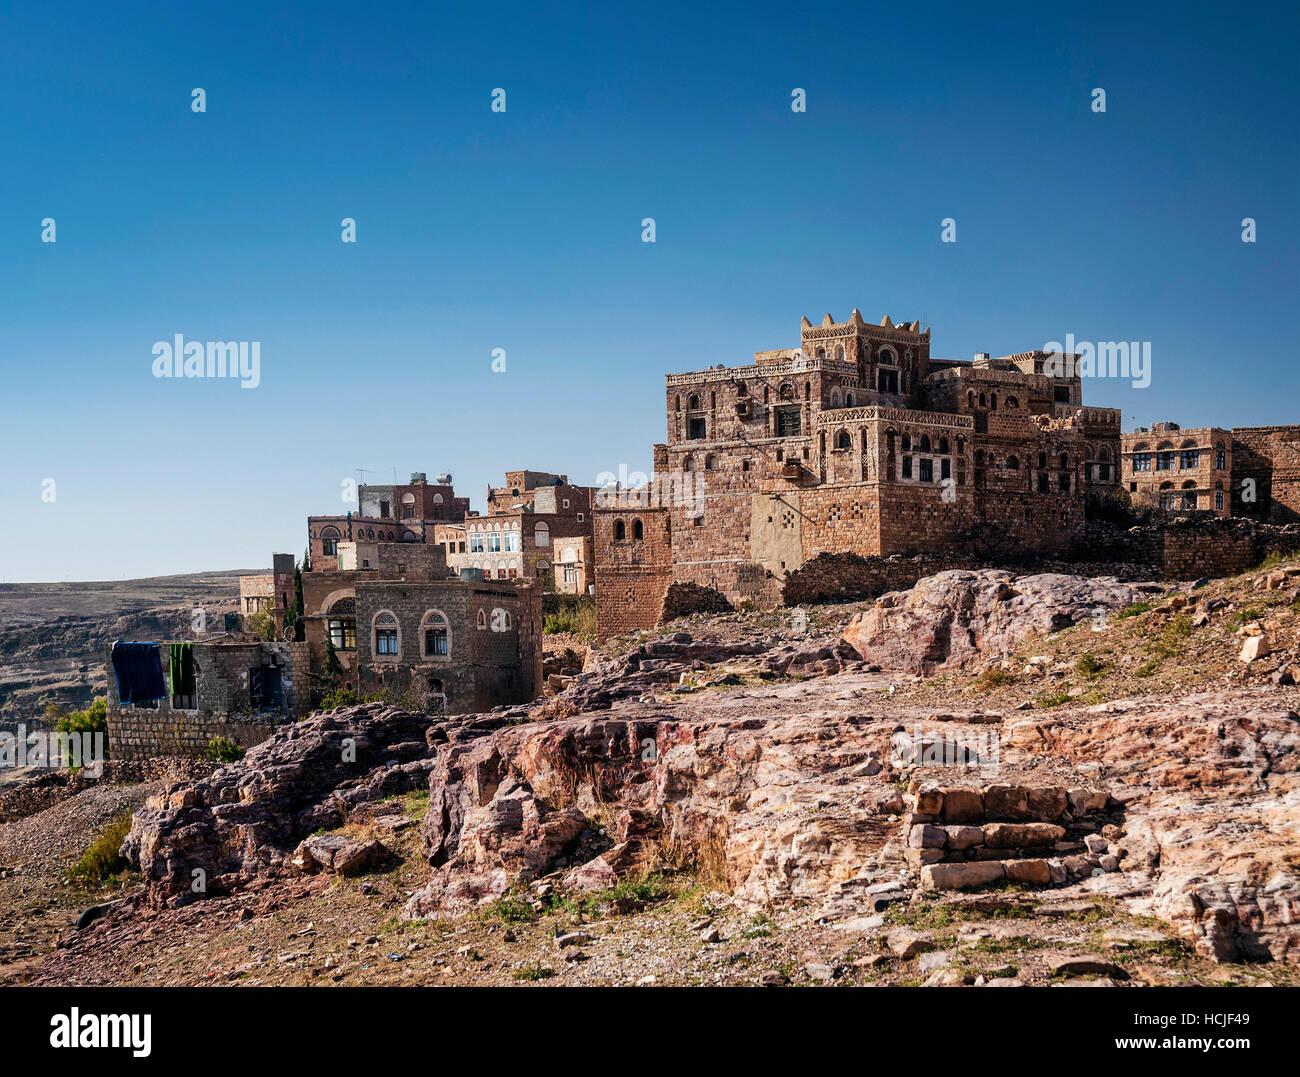 thila old arabian village landscape view in rural yemen near sanaa - Stock Image